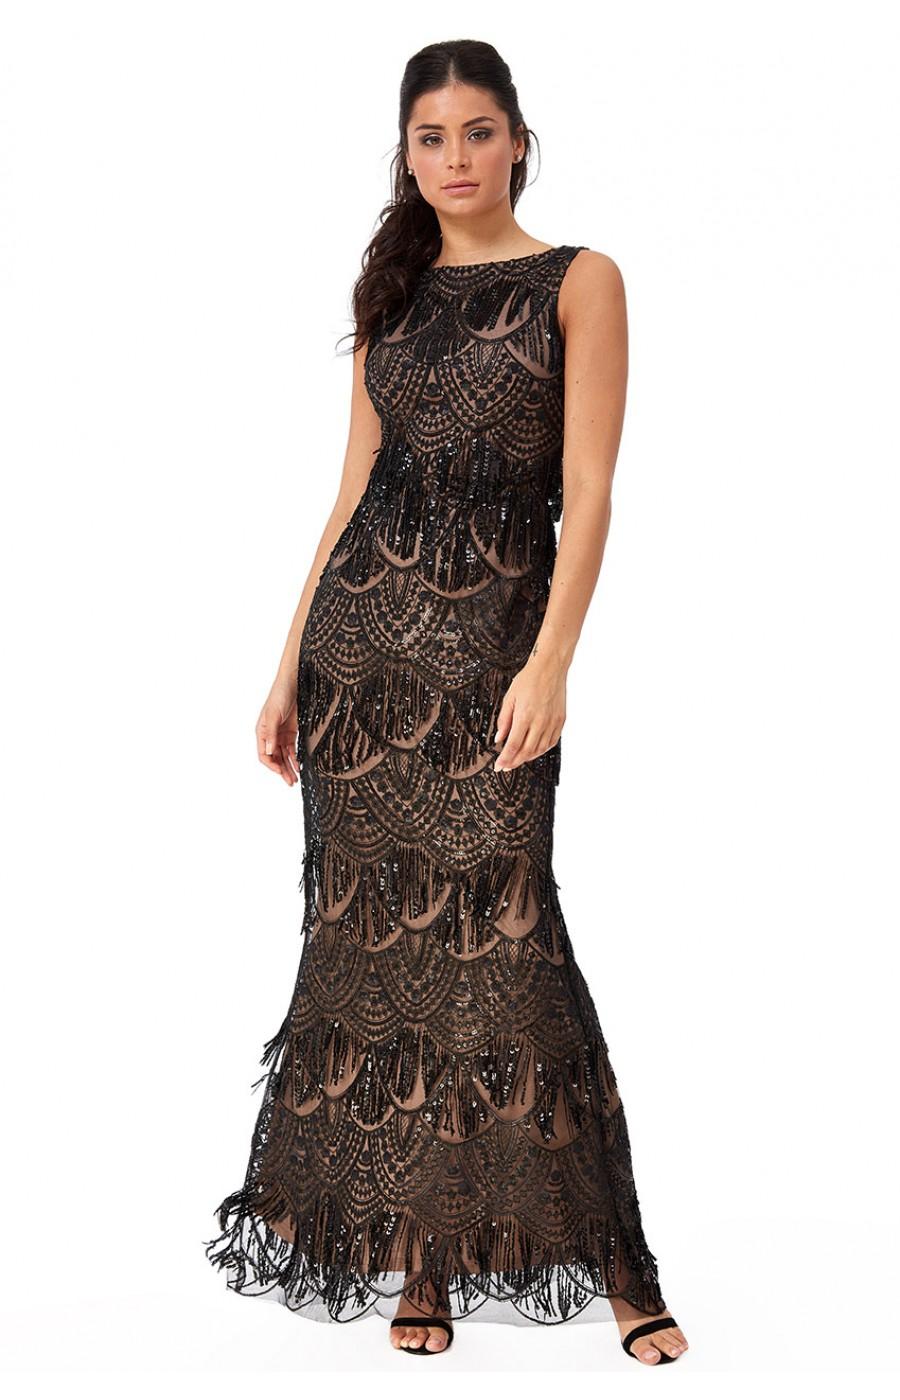 Επίσημο μαύρο φόρεμα με κρόσια και δαντέλα